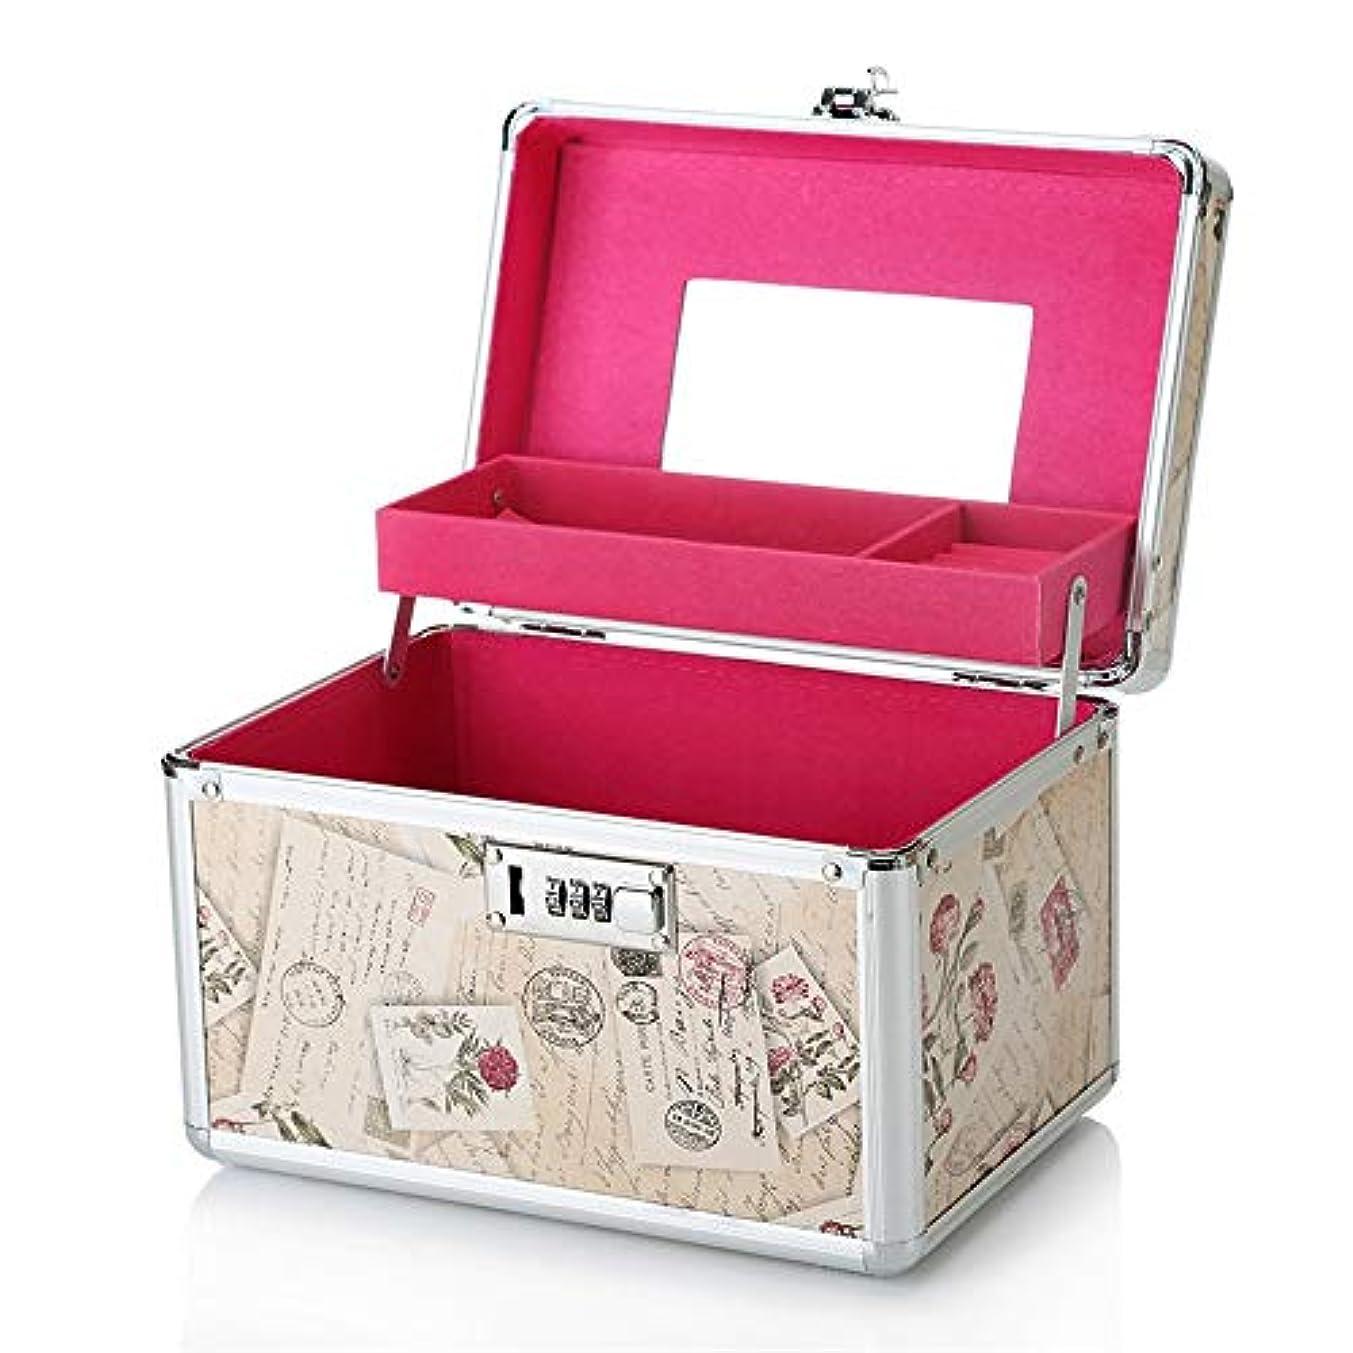 仕事に行く目の前の手術化粧オーガナイザーバッグ 旅行のメイクアップバッグメイク化粧品バッグトイレタリー化粧ケース 化粧品ケース